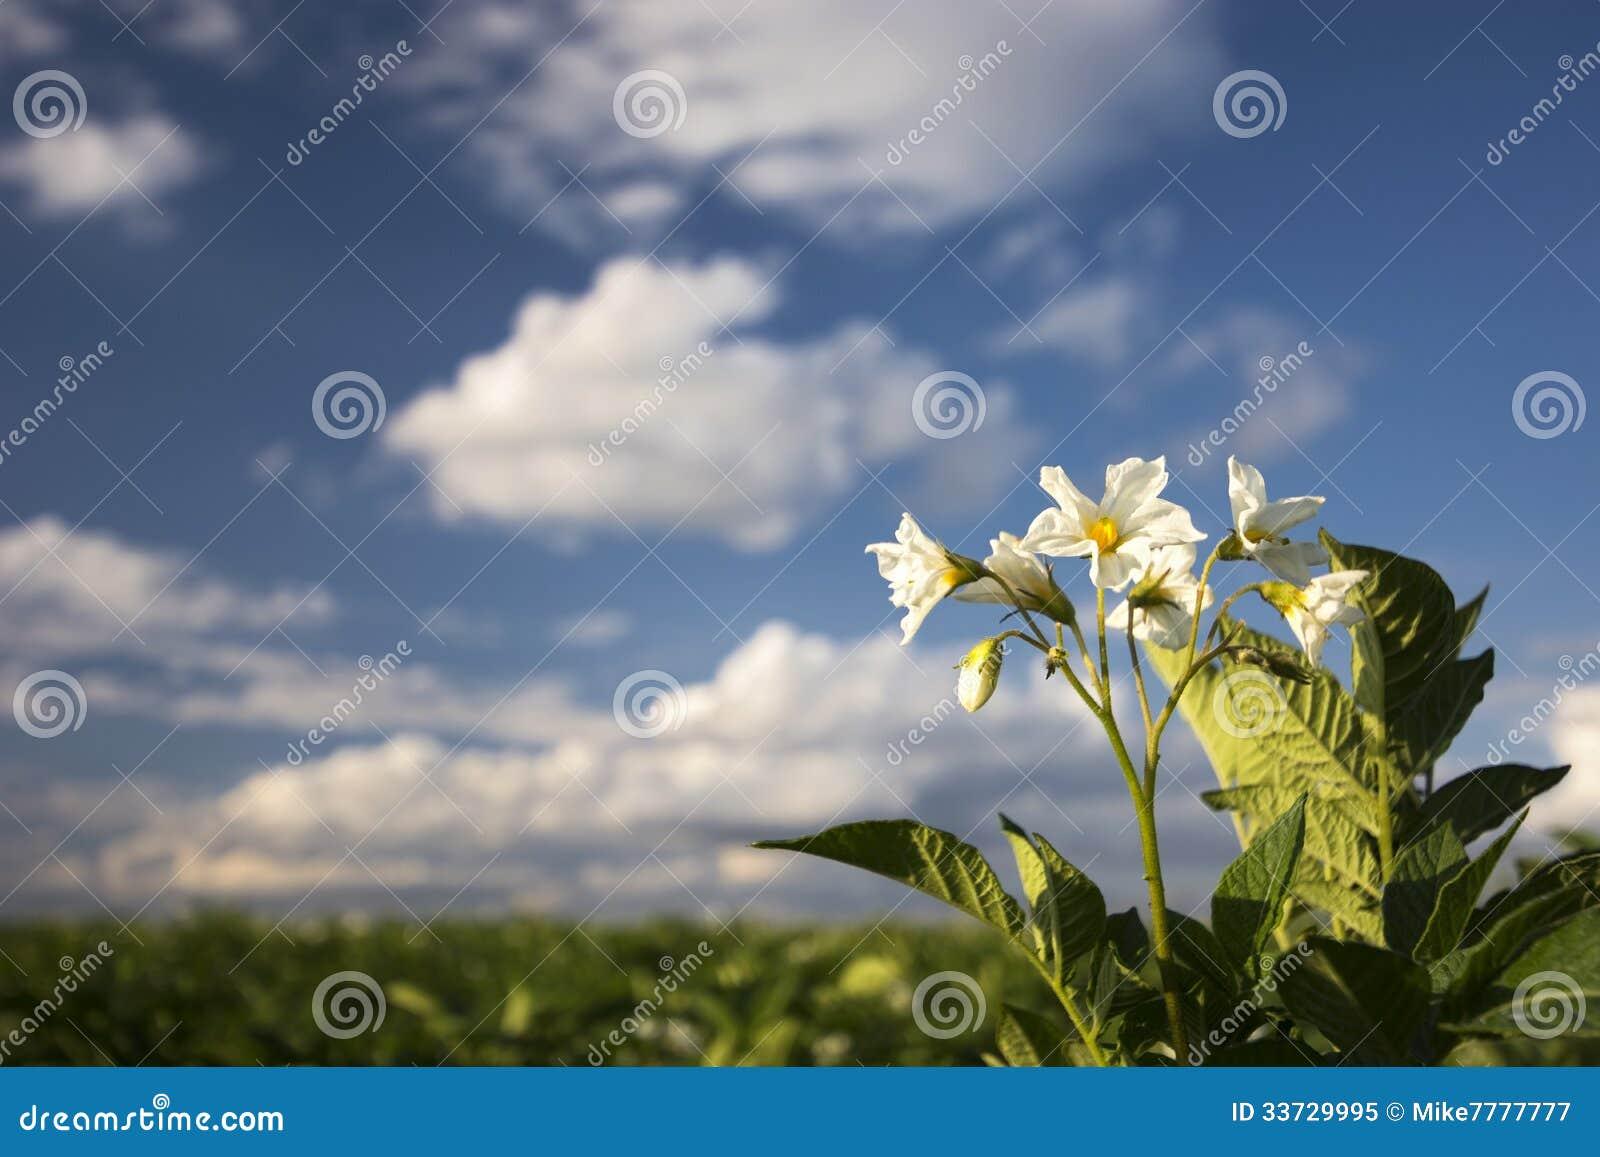 Завод картошки цветет на солнечный день, Midwest, США